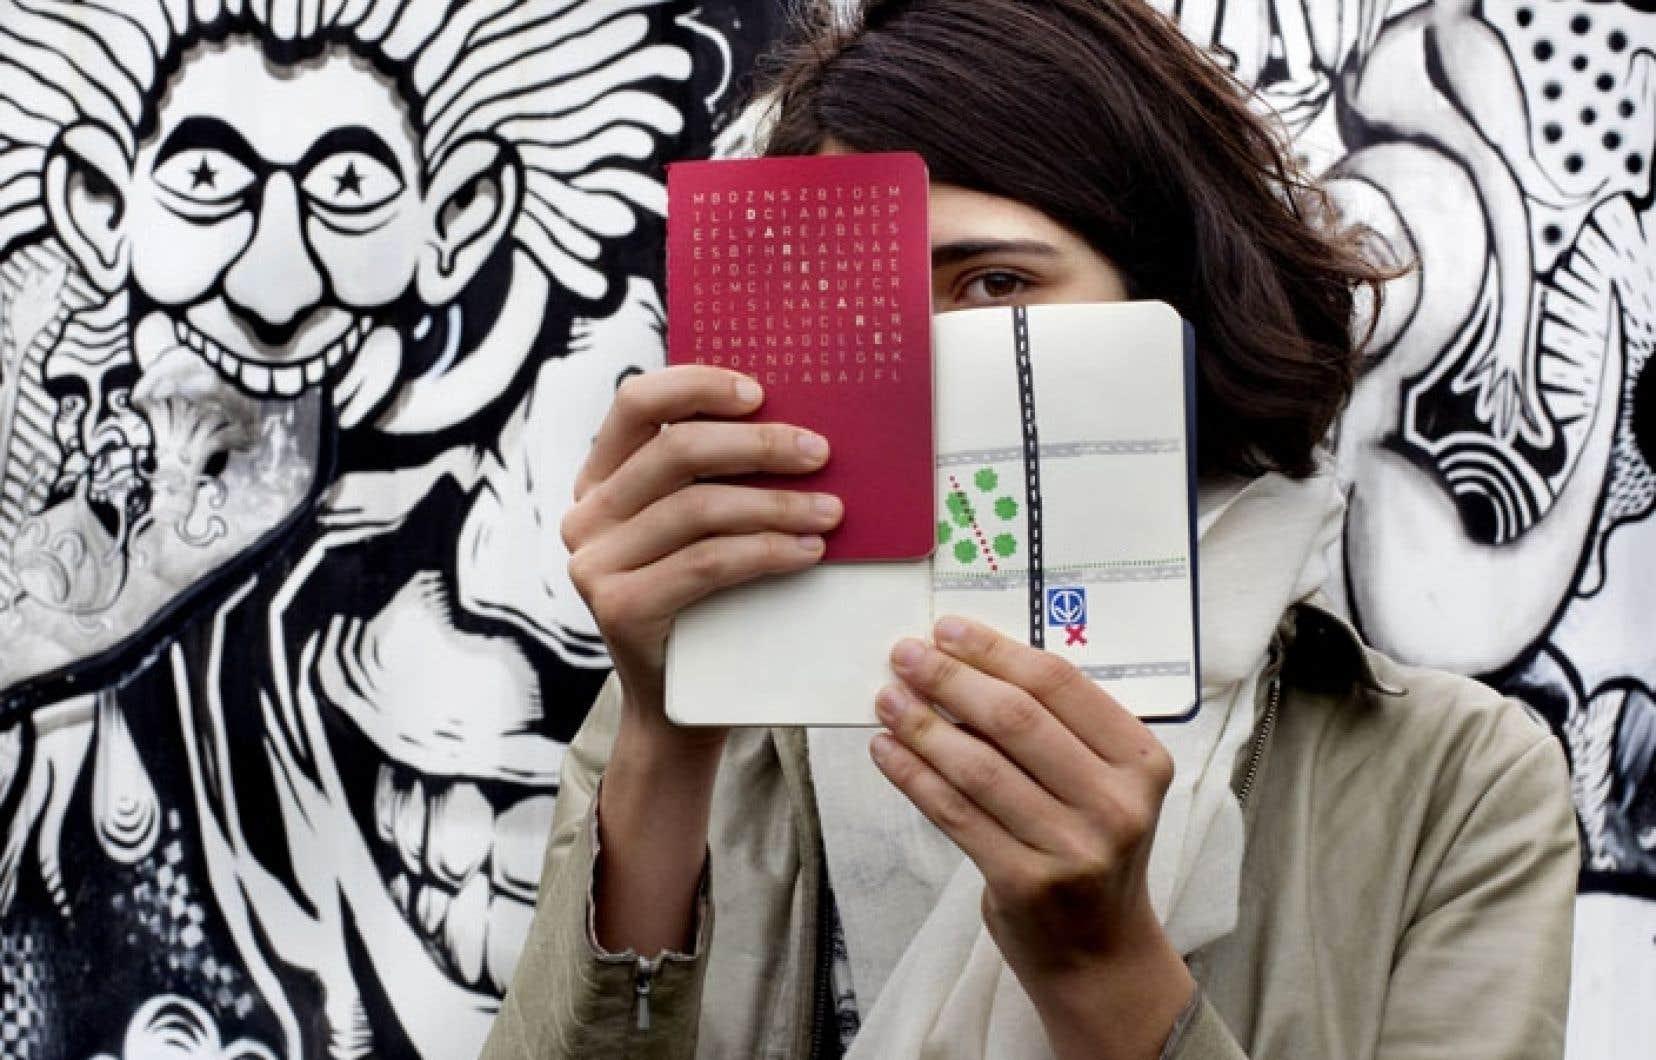 Le Passeport Dare-Dare est rouge comme un passeport suisse. On se le procure à la roulotte recouverte de la griffe du collectif En Masse, située aux abords de la station de métro Saint-Laurent à Montréal.